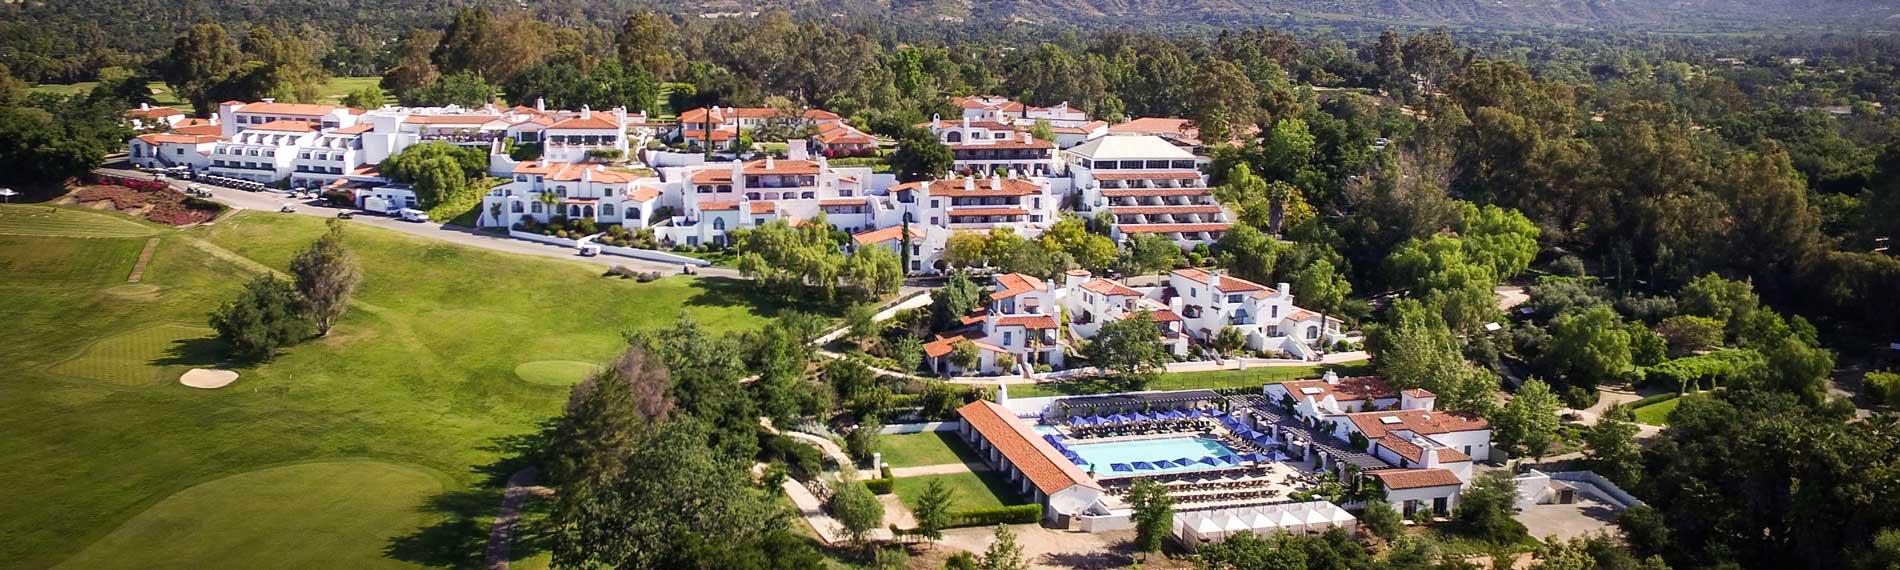 An aerial view of the Ojai Valley Inn & Spa.